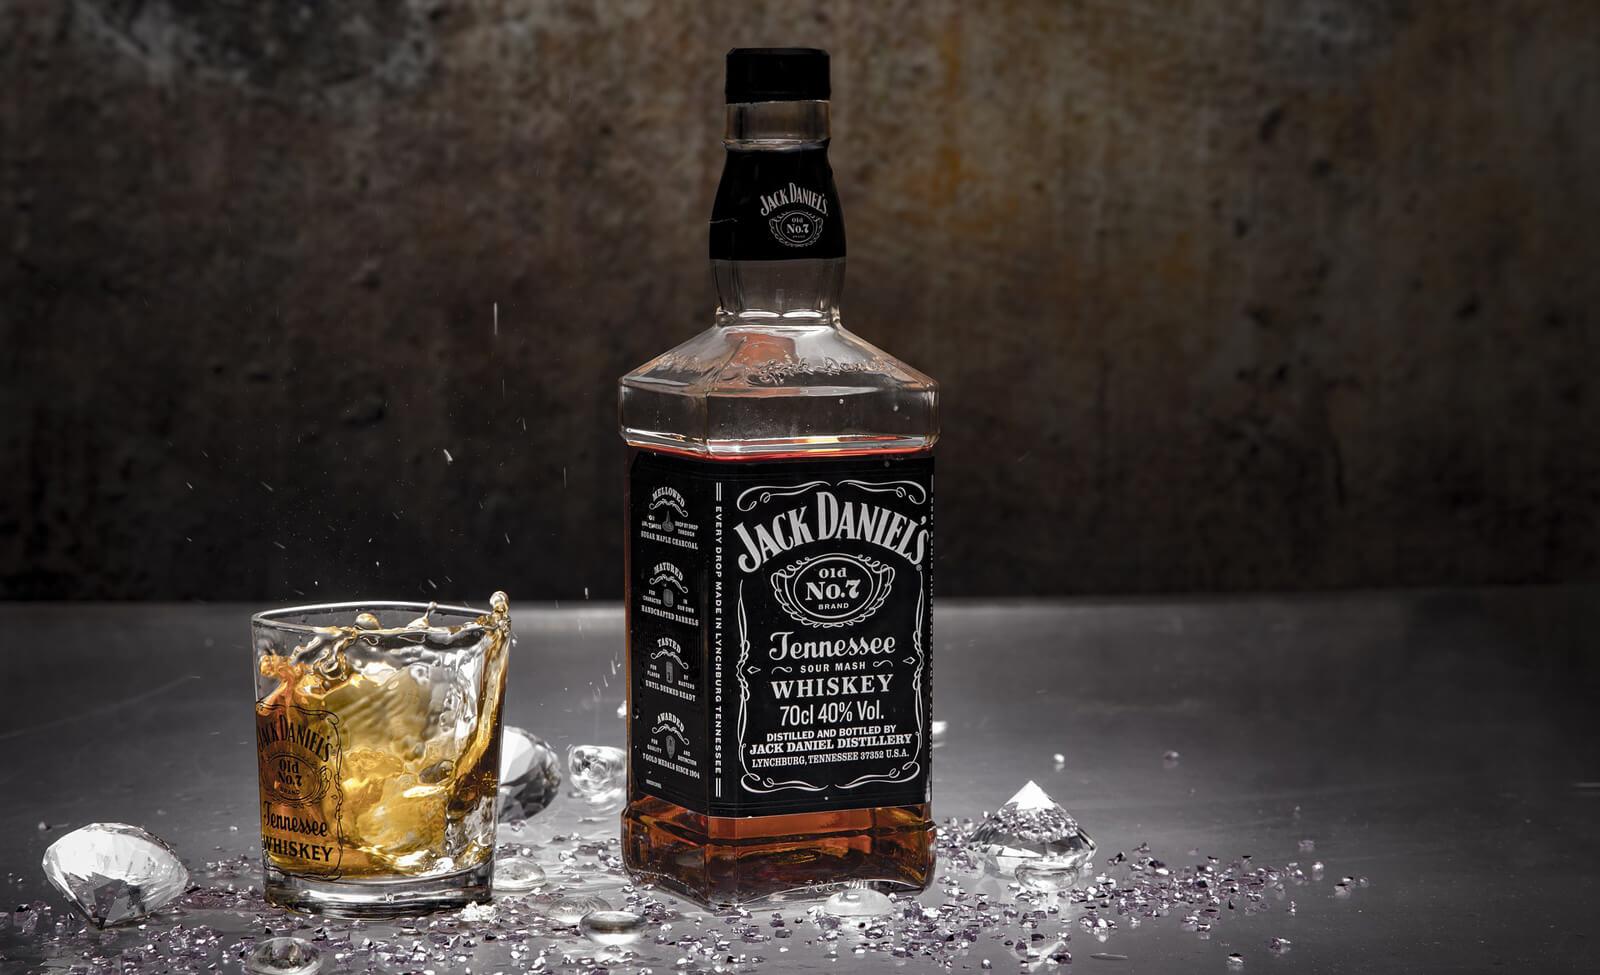 Gigante statunitense degli alcolici colpito da un attacco informatico, 1 TB di dati rubati